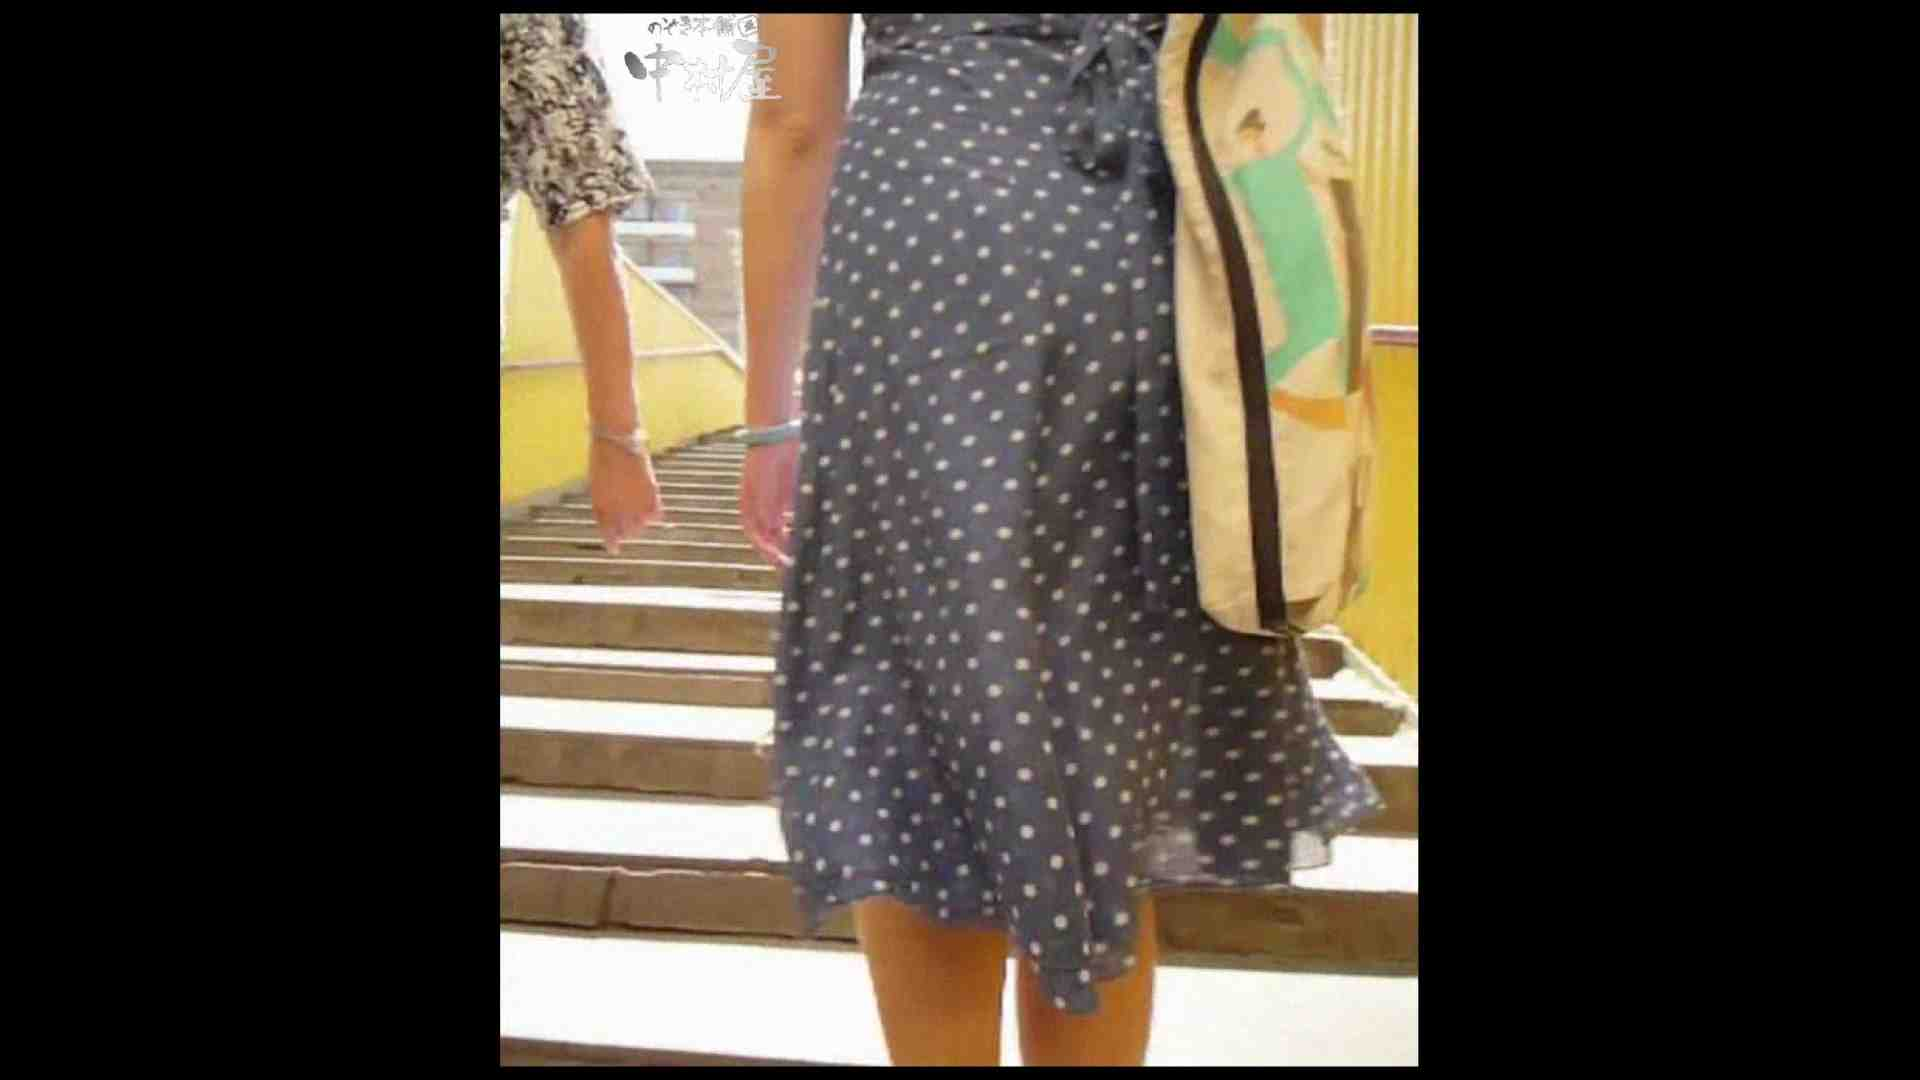 綺麗なモデルさんのスカート捲っちゃおう‼ vol29 OLのプライベート のぞき動画画像 10pic 8